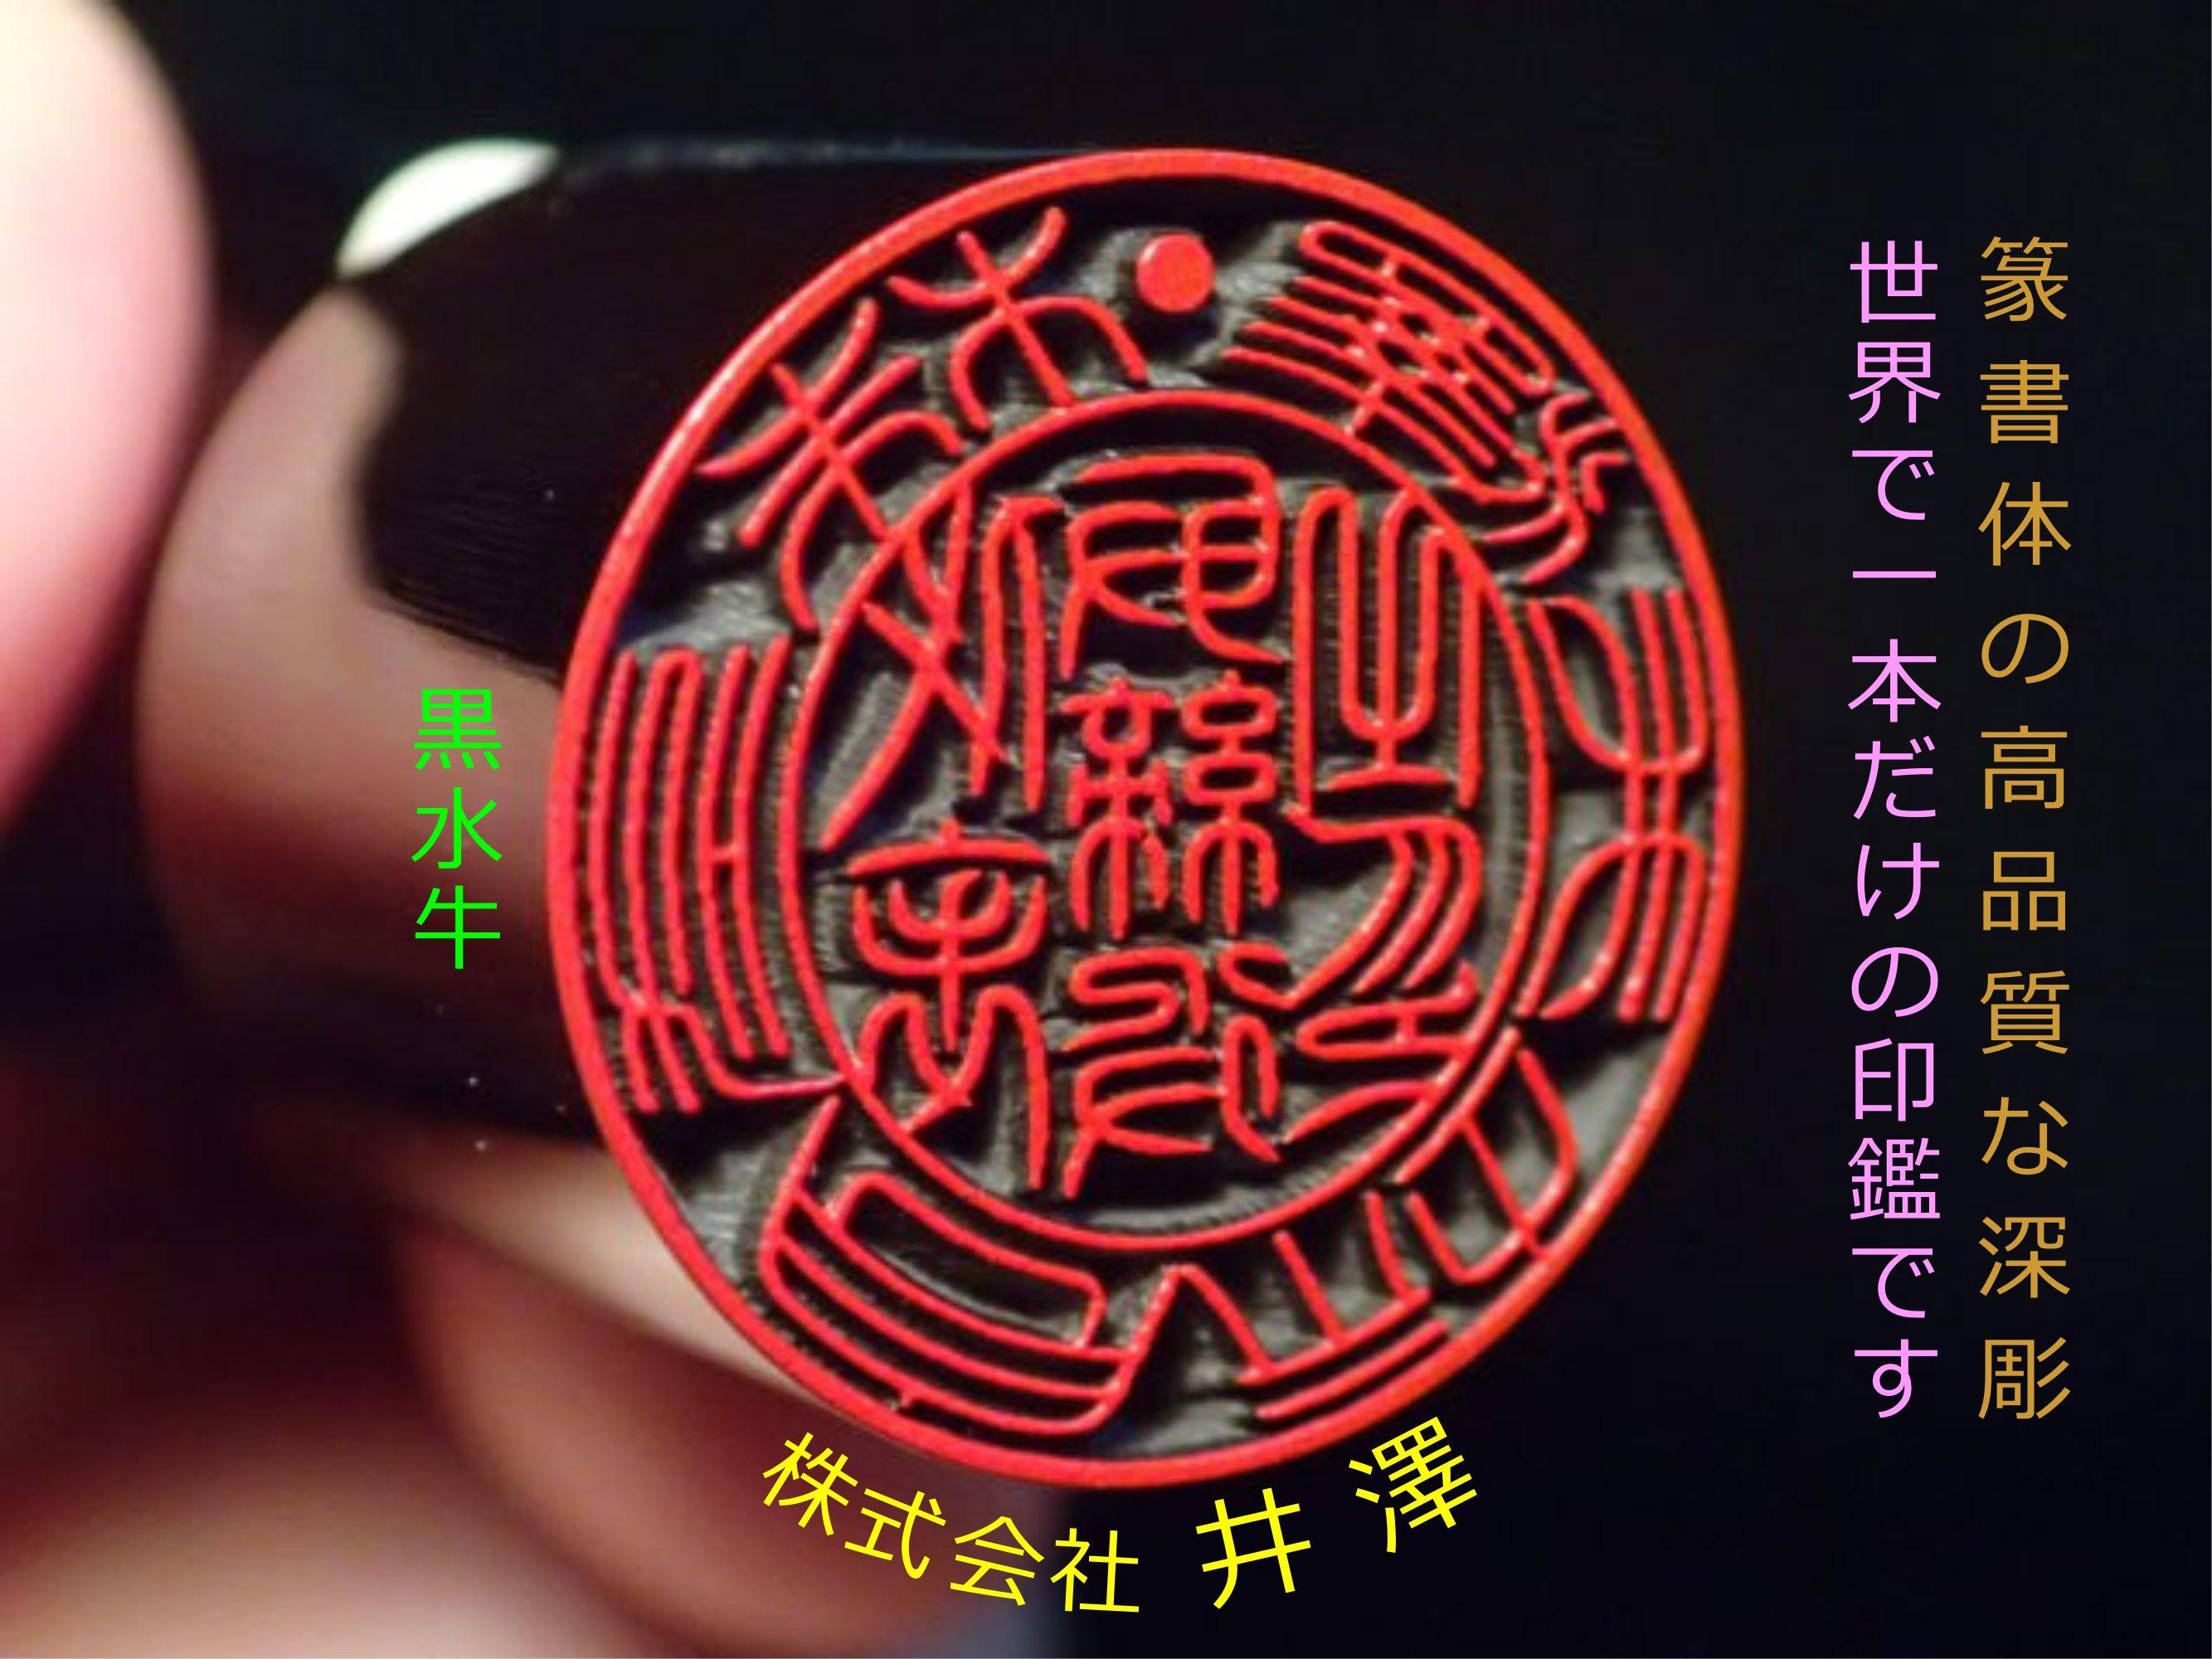 ㈱井澤 代表取締役